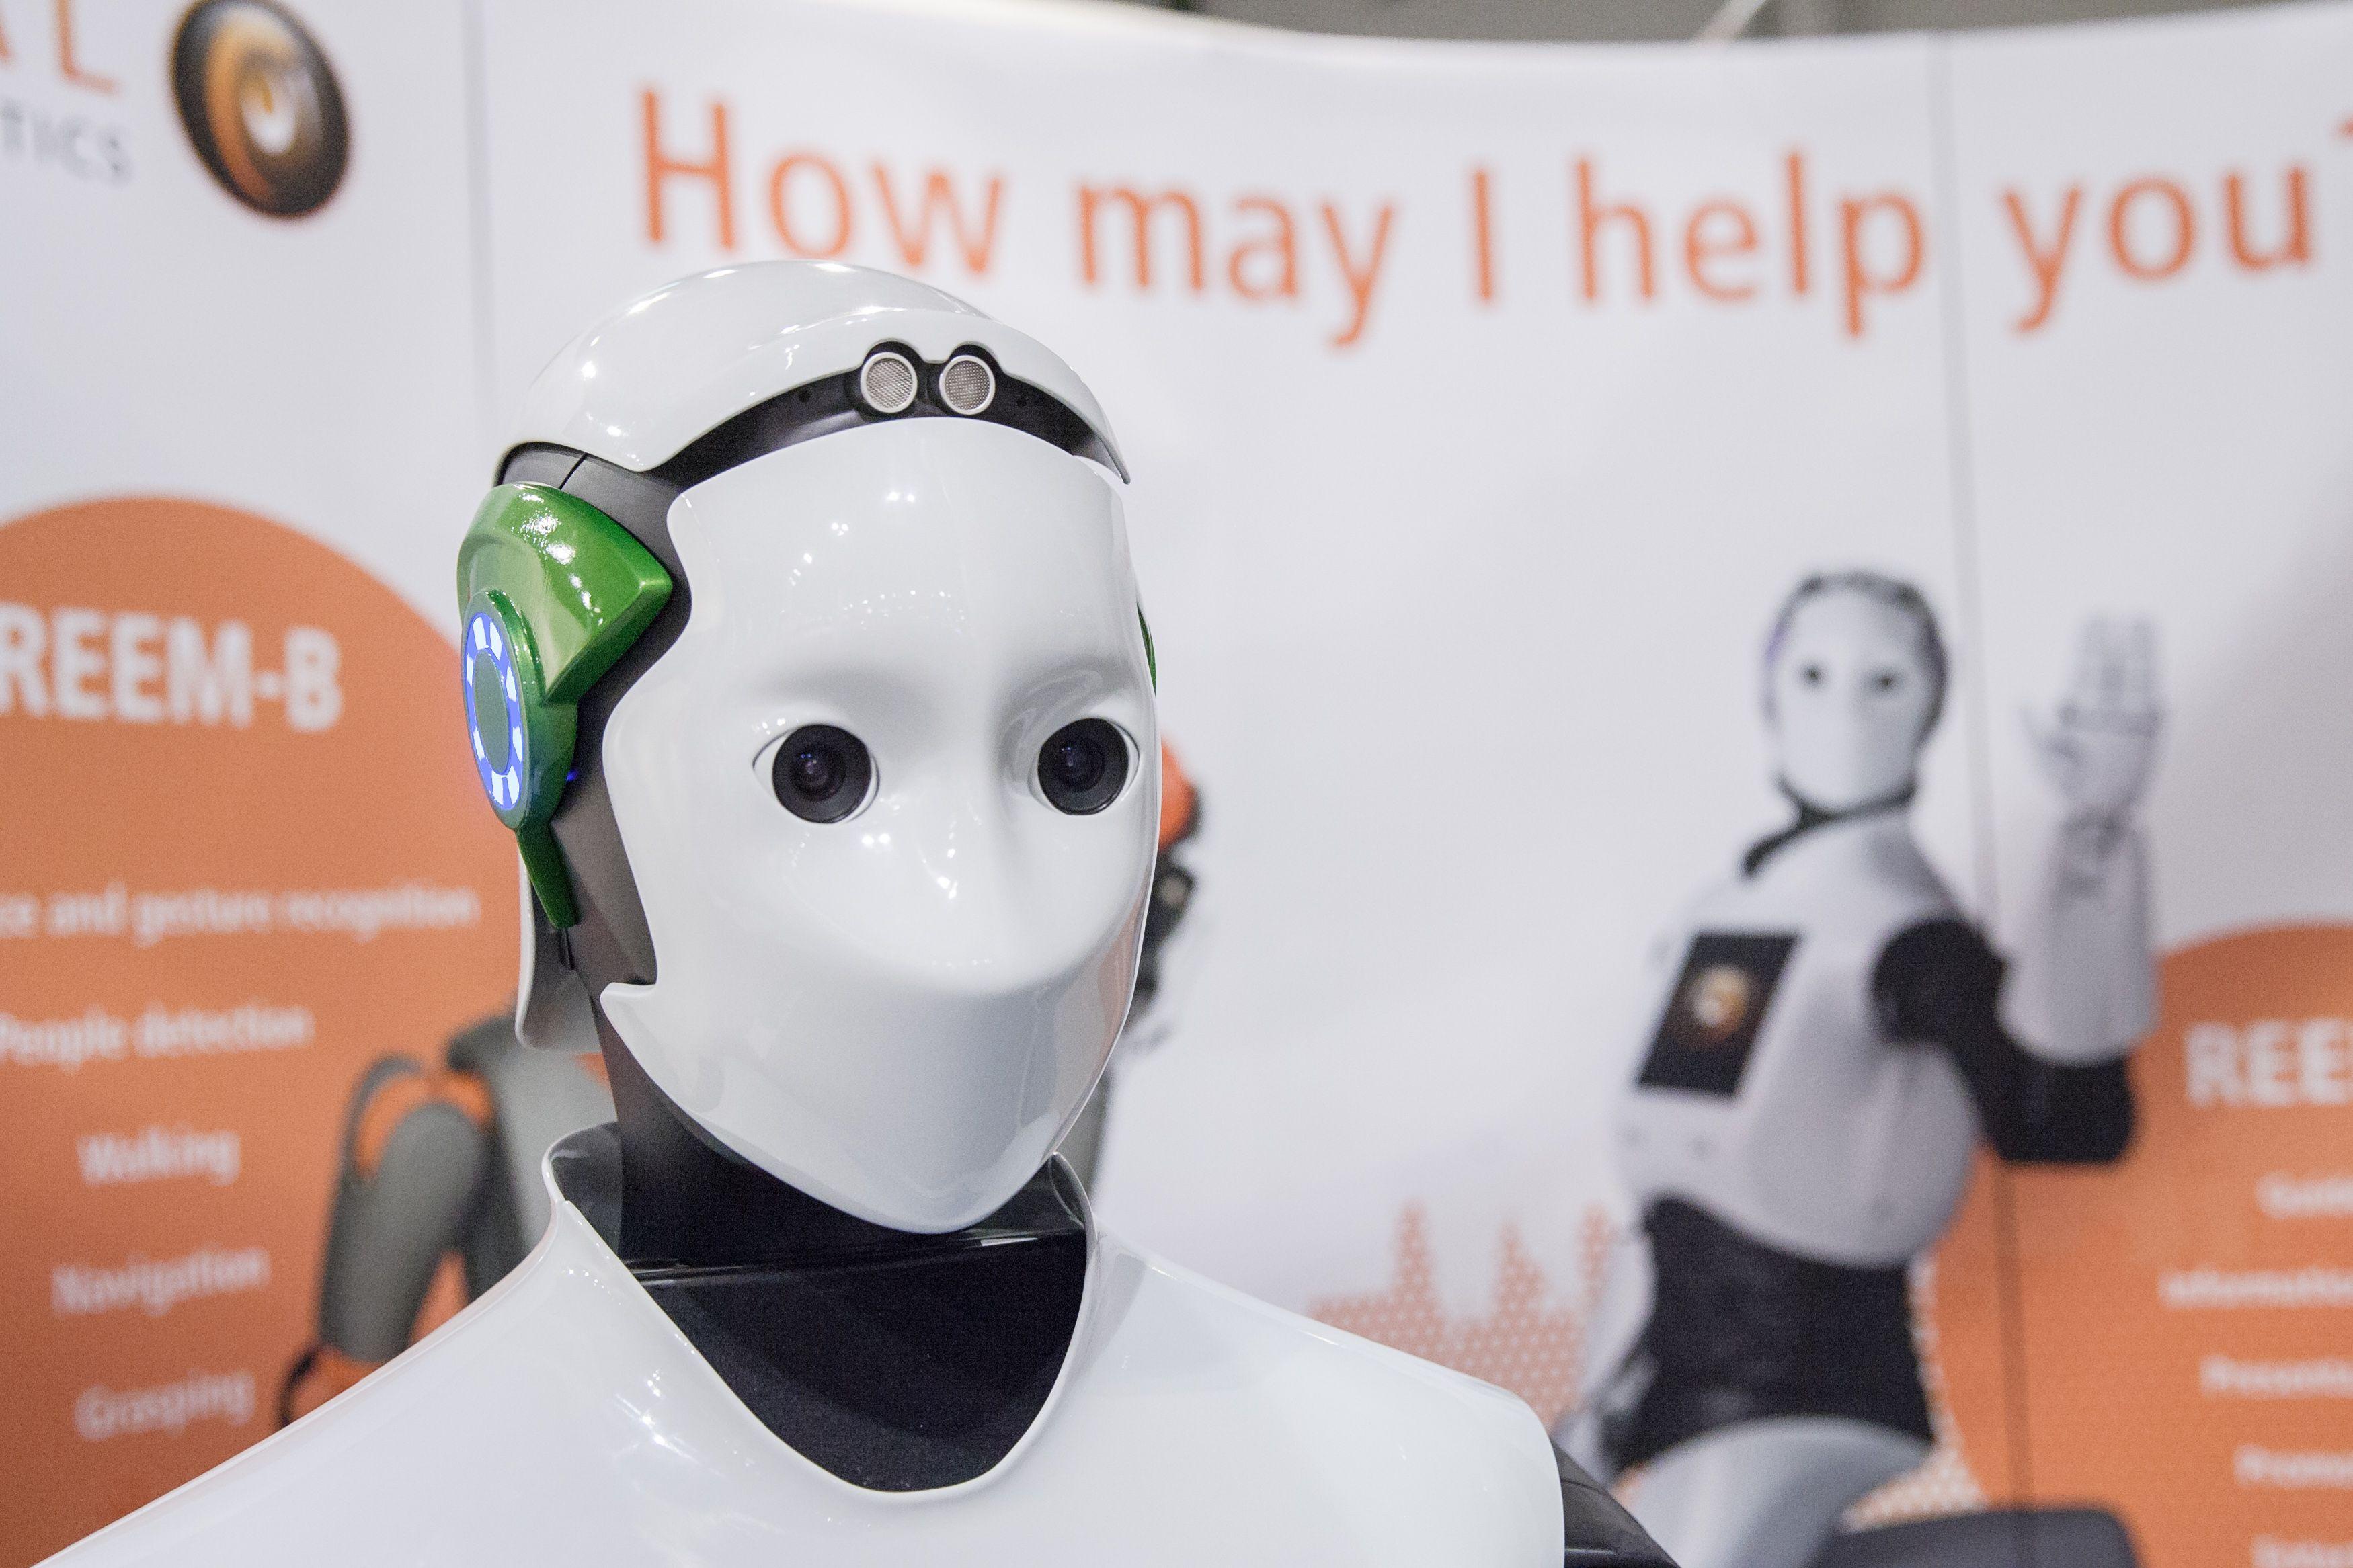 Už durų–robotas